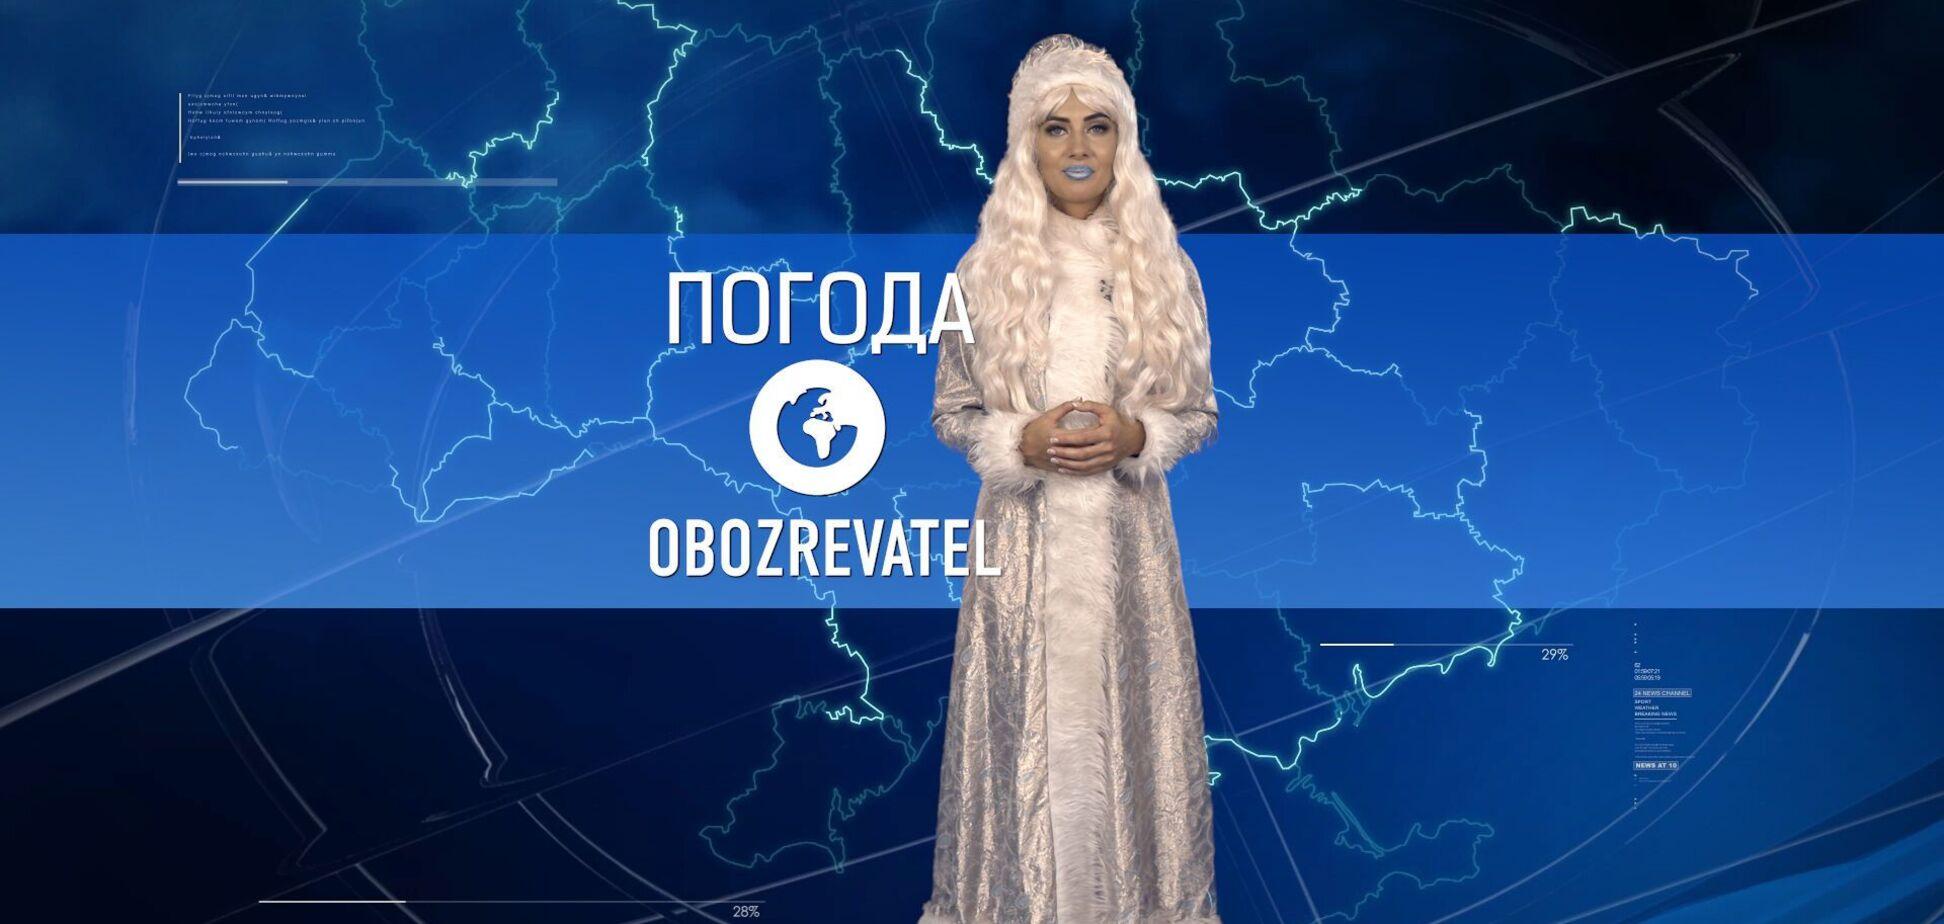 Прогноз погоди в Україні на четвер 31 грудня, з Алісою Мярковською